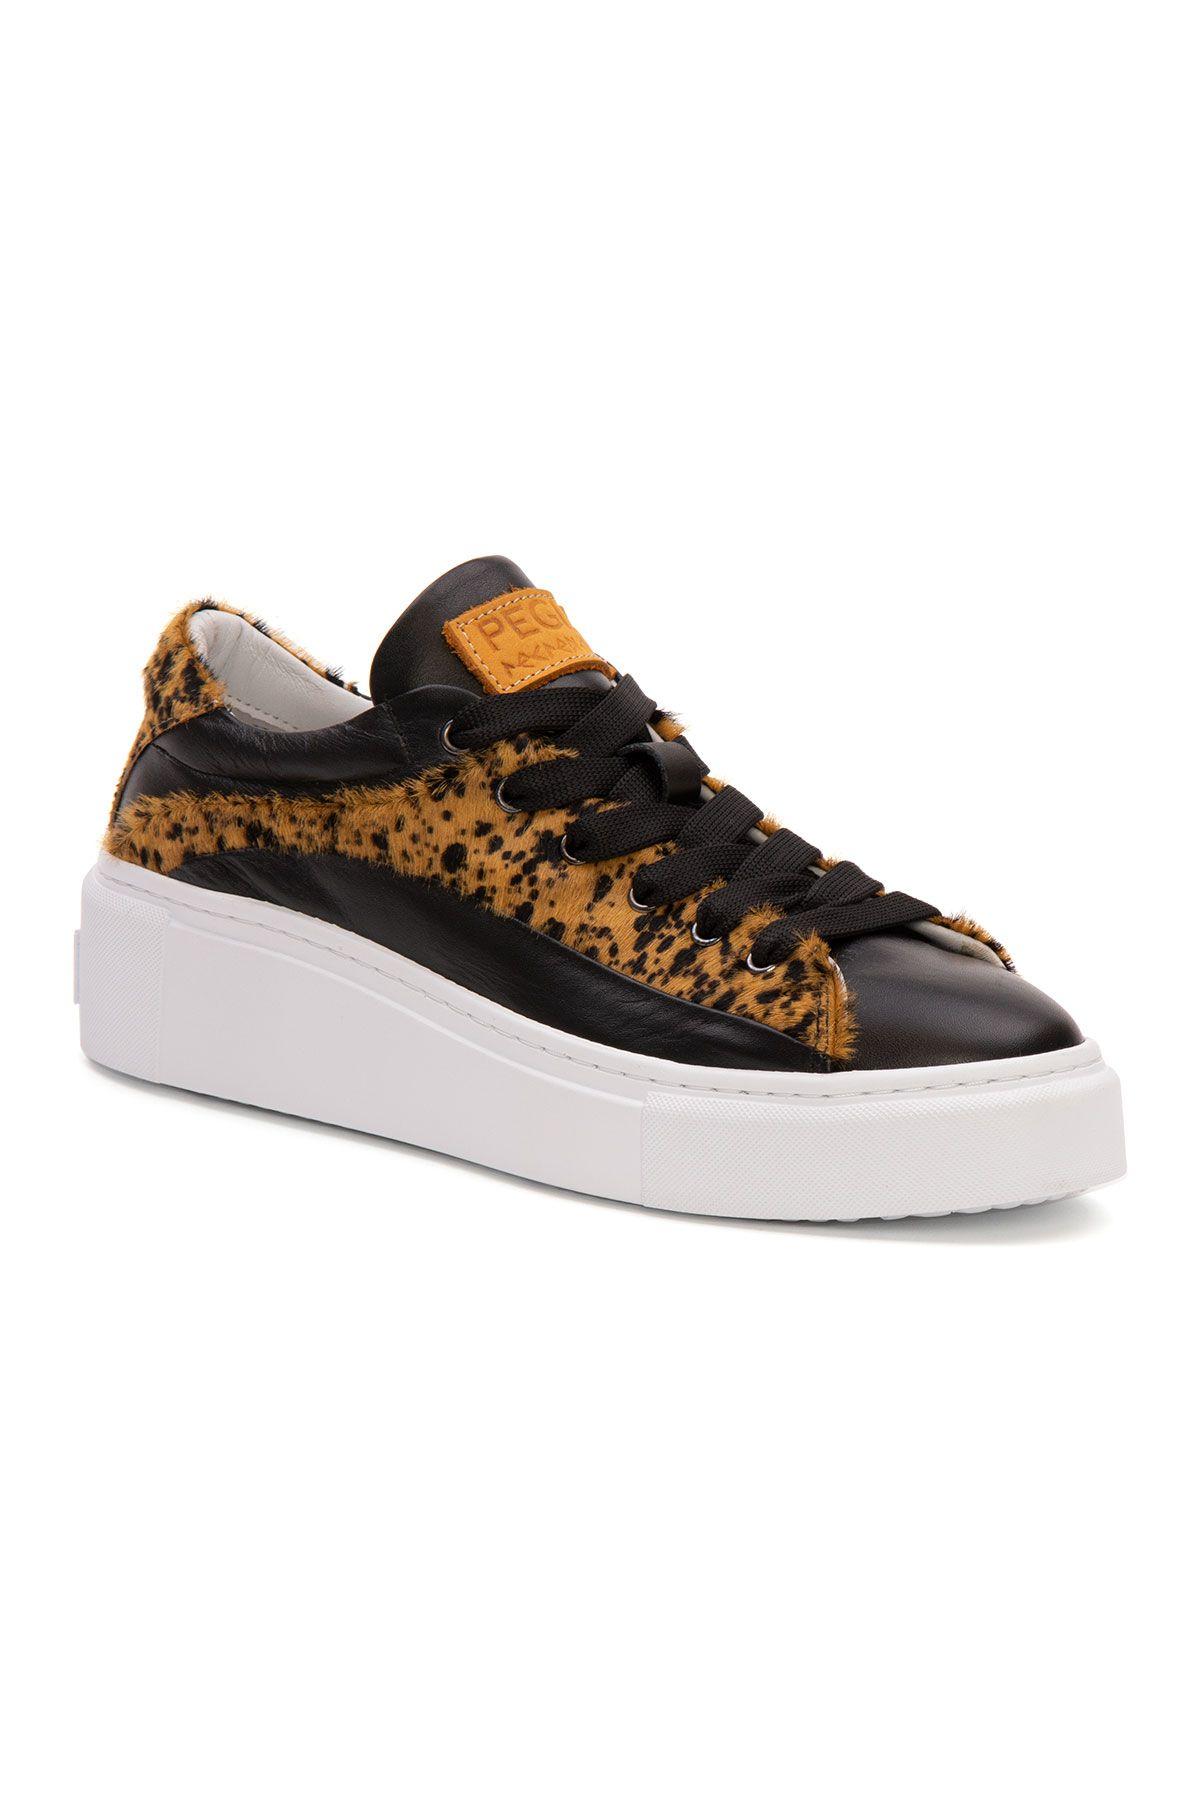 Pegia Genuine Leather Women's Sneaker LA1639 Black